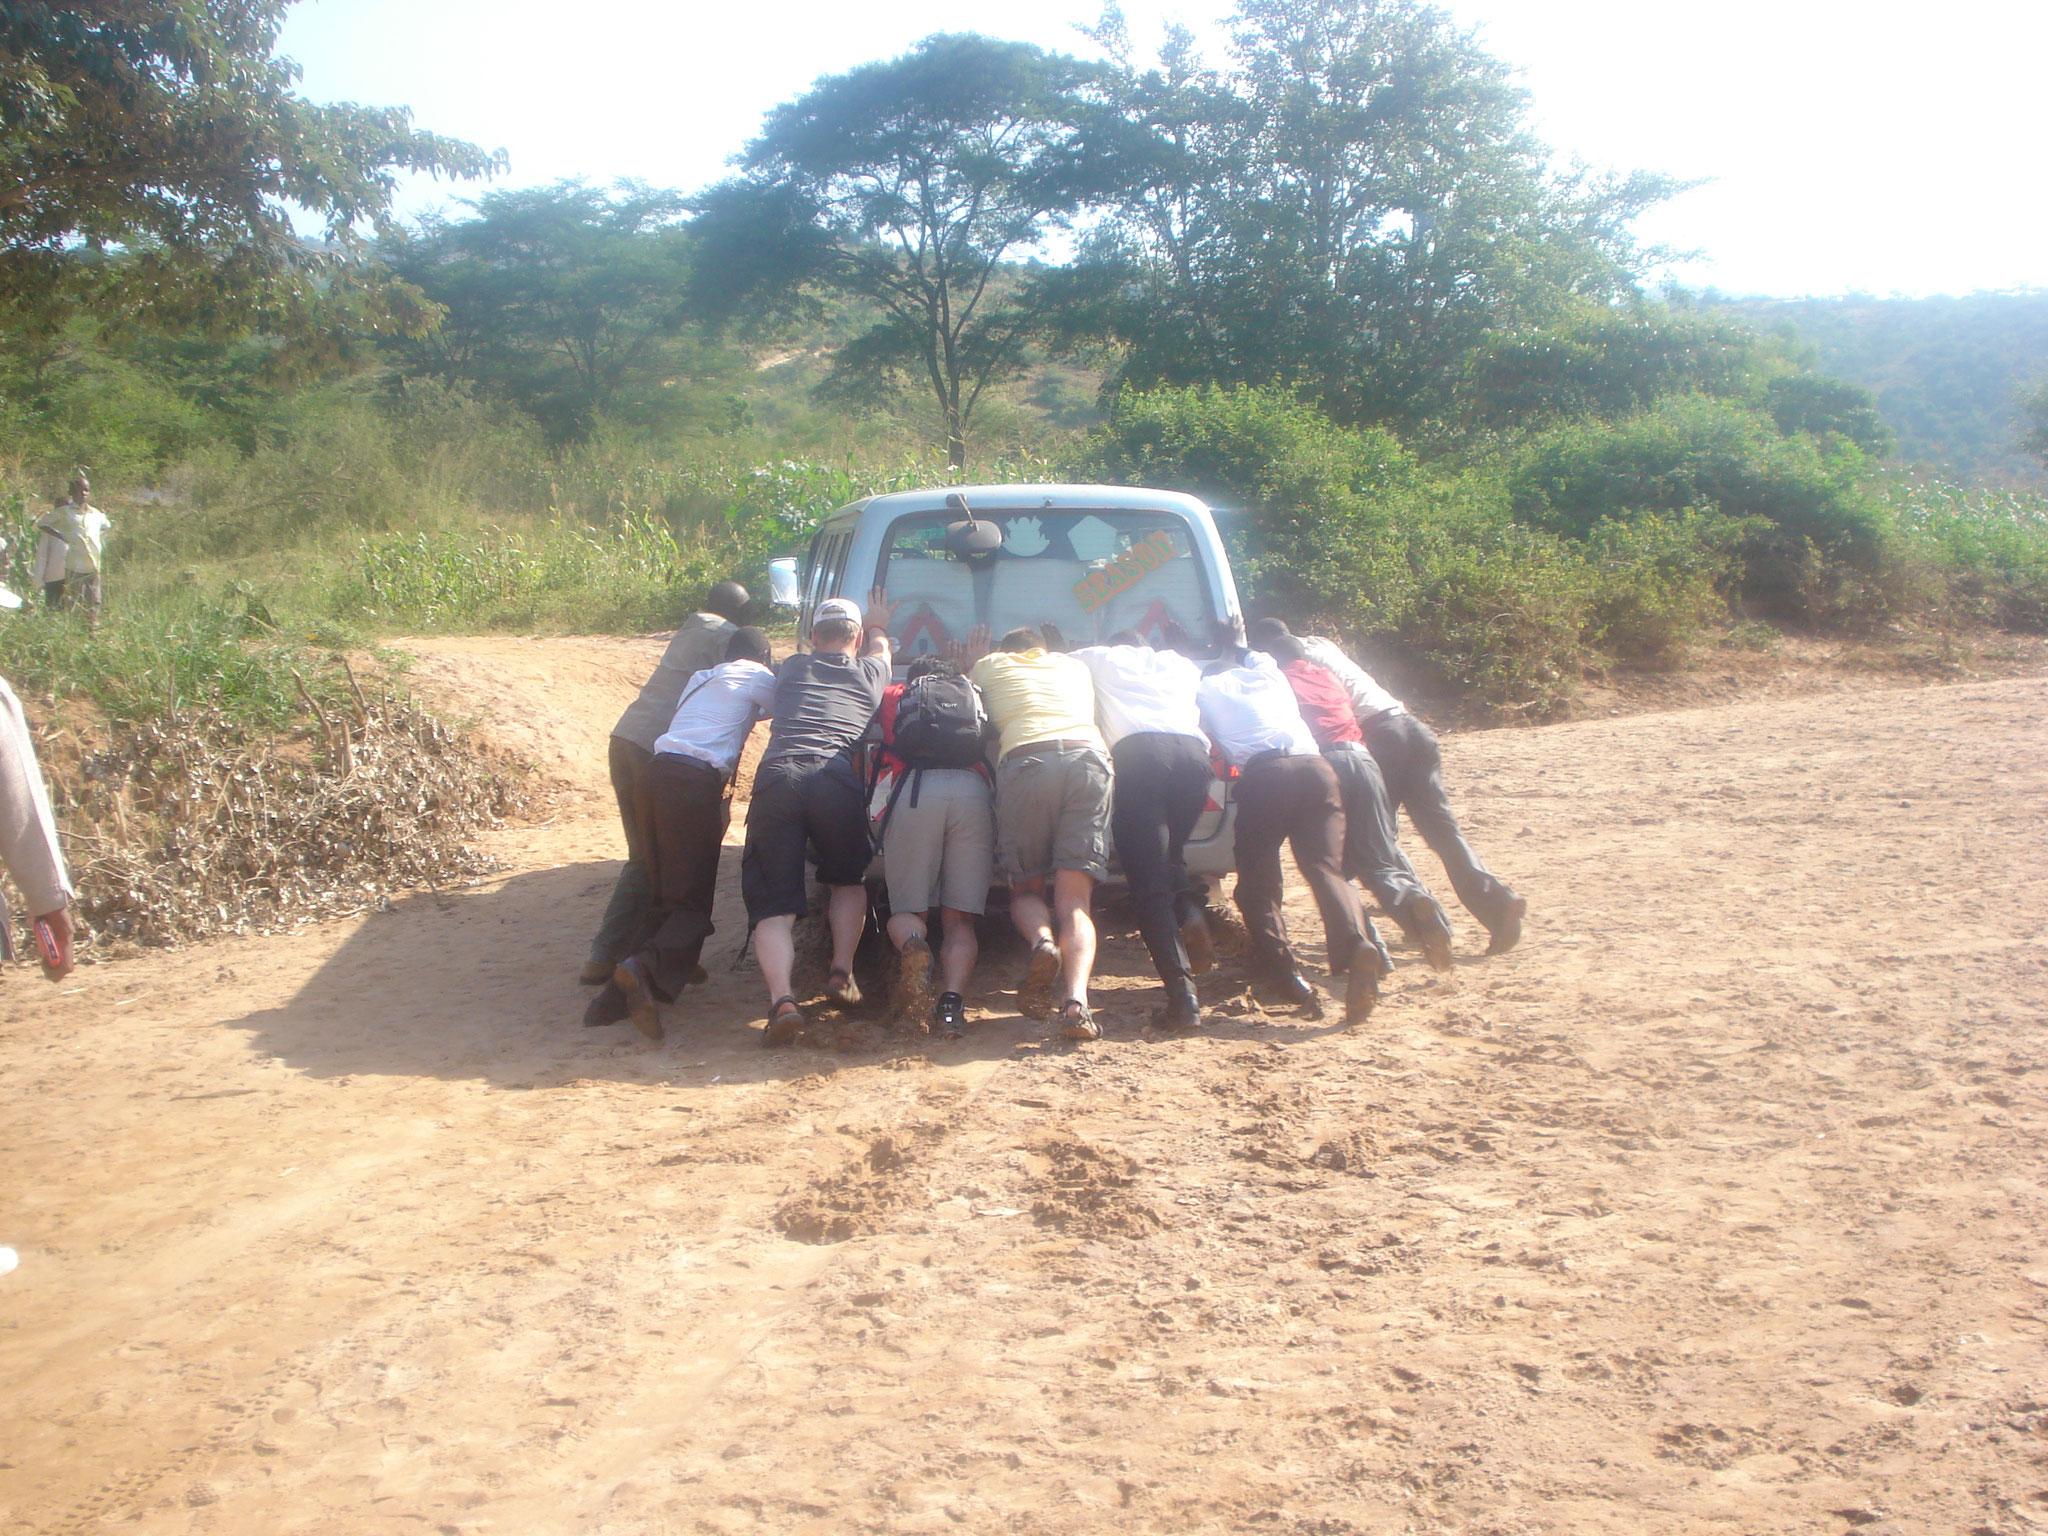 Freiwilligenarbeit heisst, einander zu helfen....wo und wie auch immer.